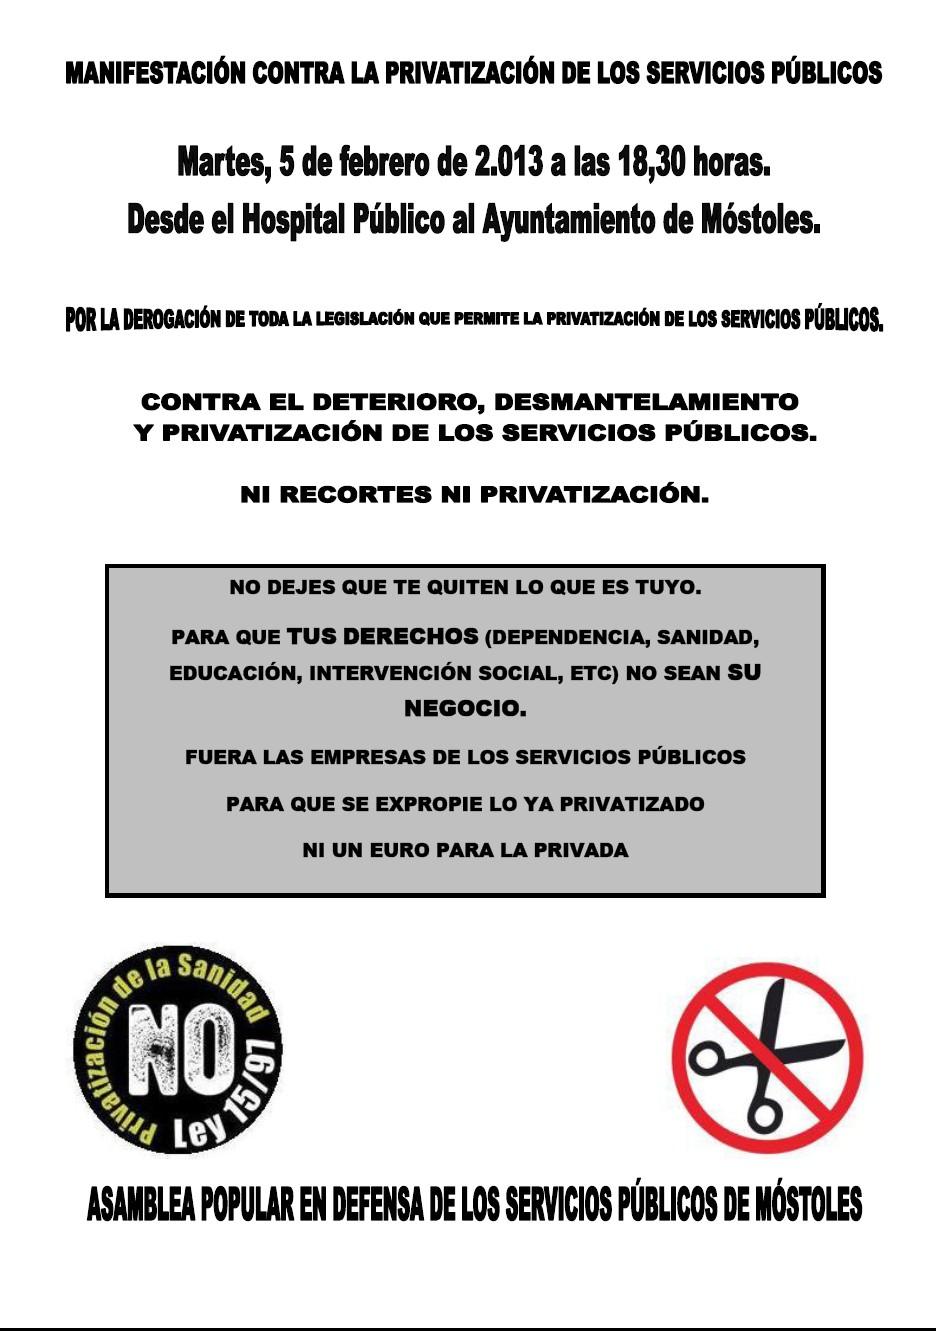 Manifestación 5 de febrero de 2013 a las 18,30 horas en DEFENSA DE LOS SERVICIOS PÚBLICOS